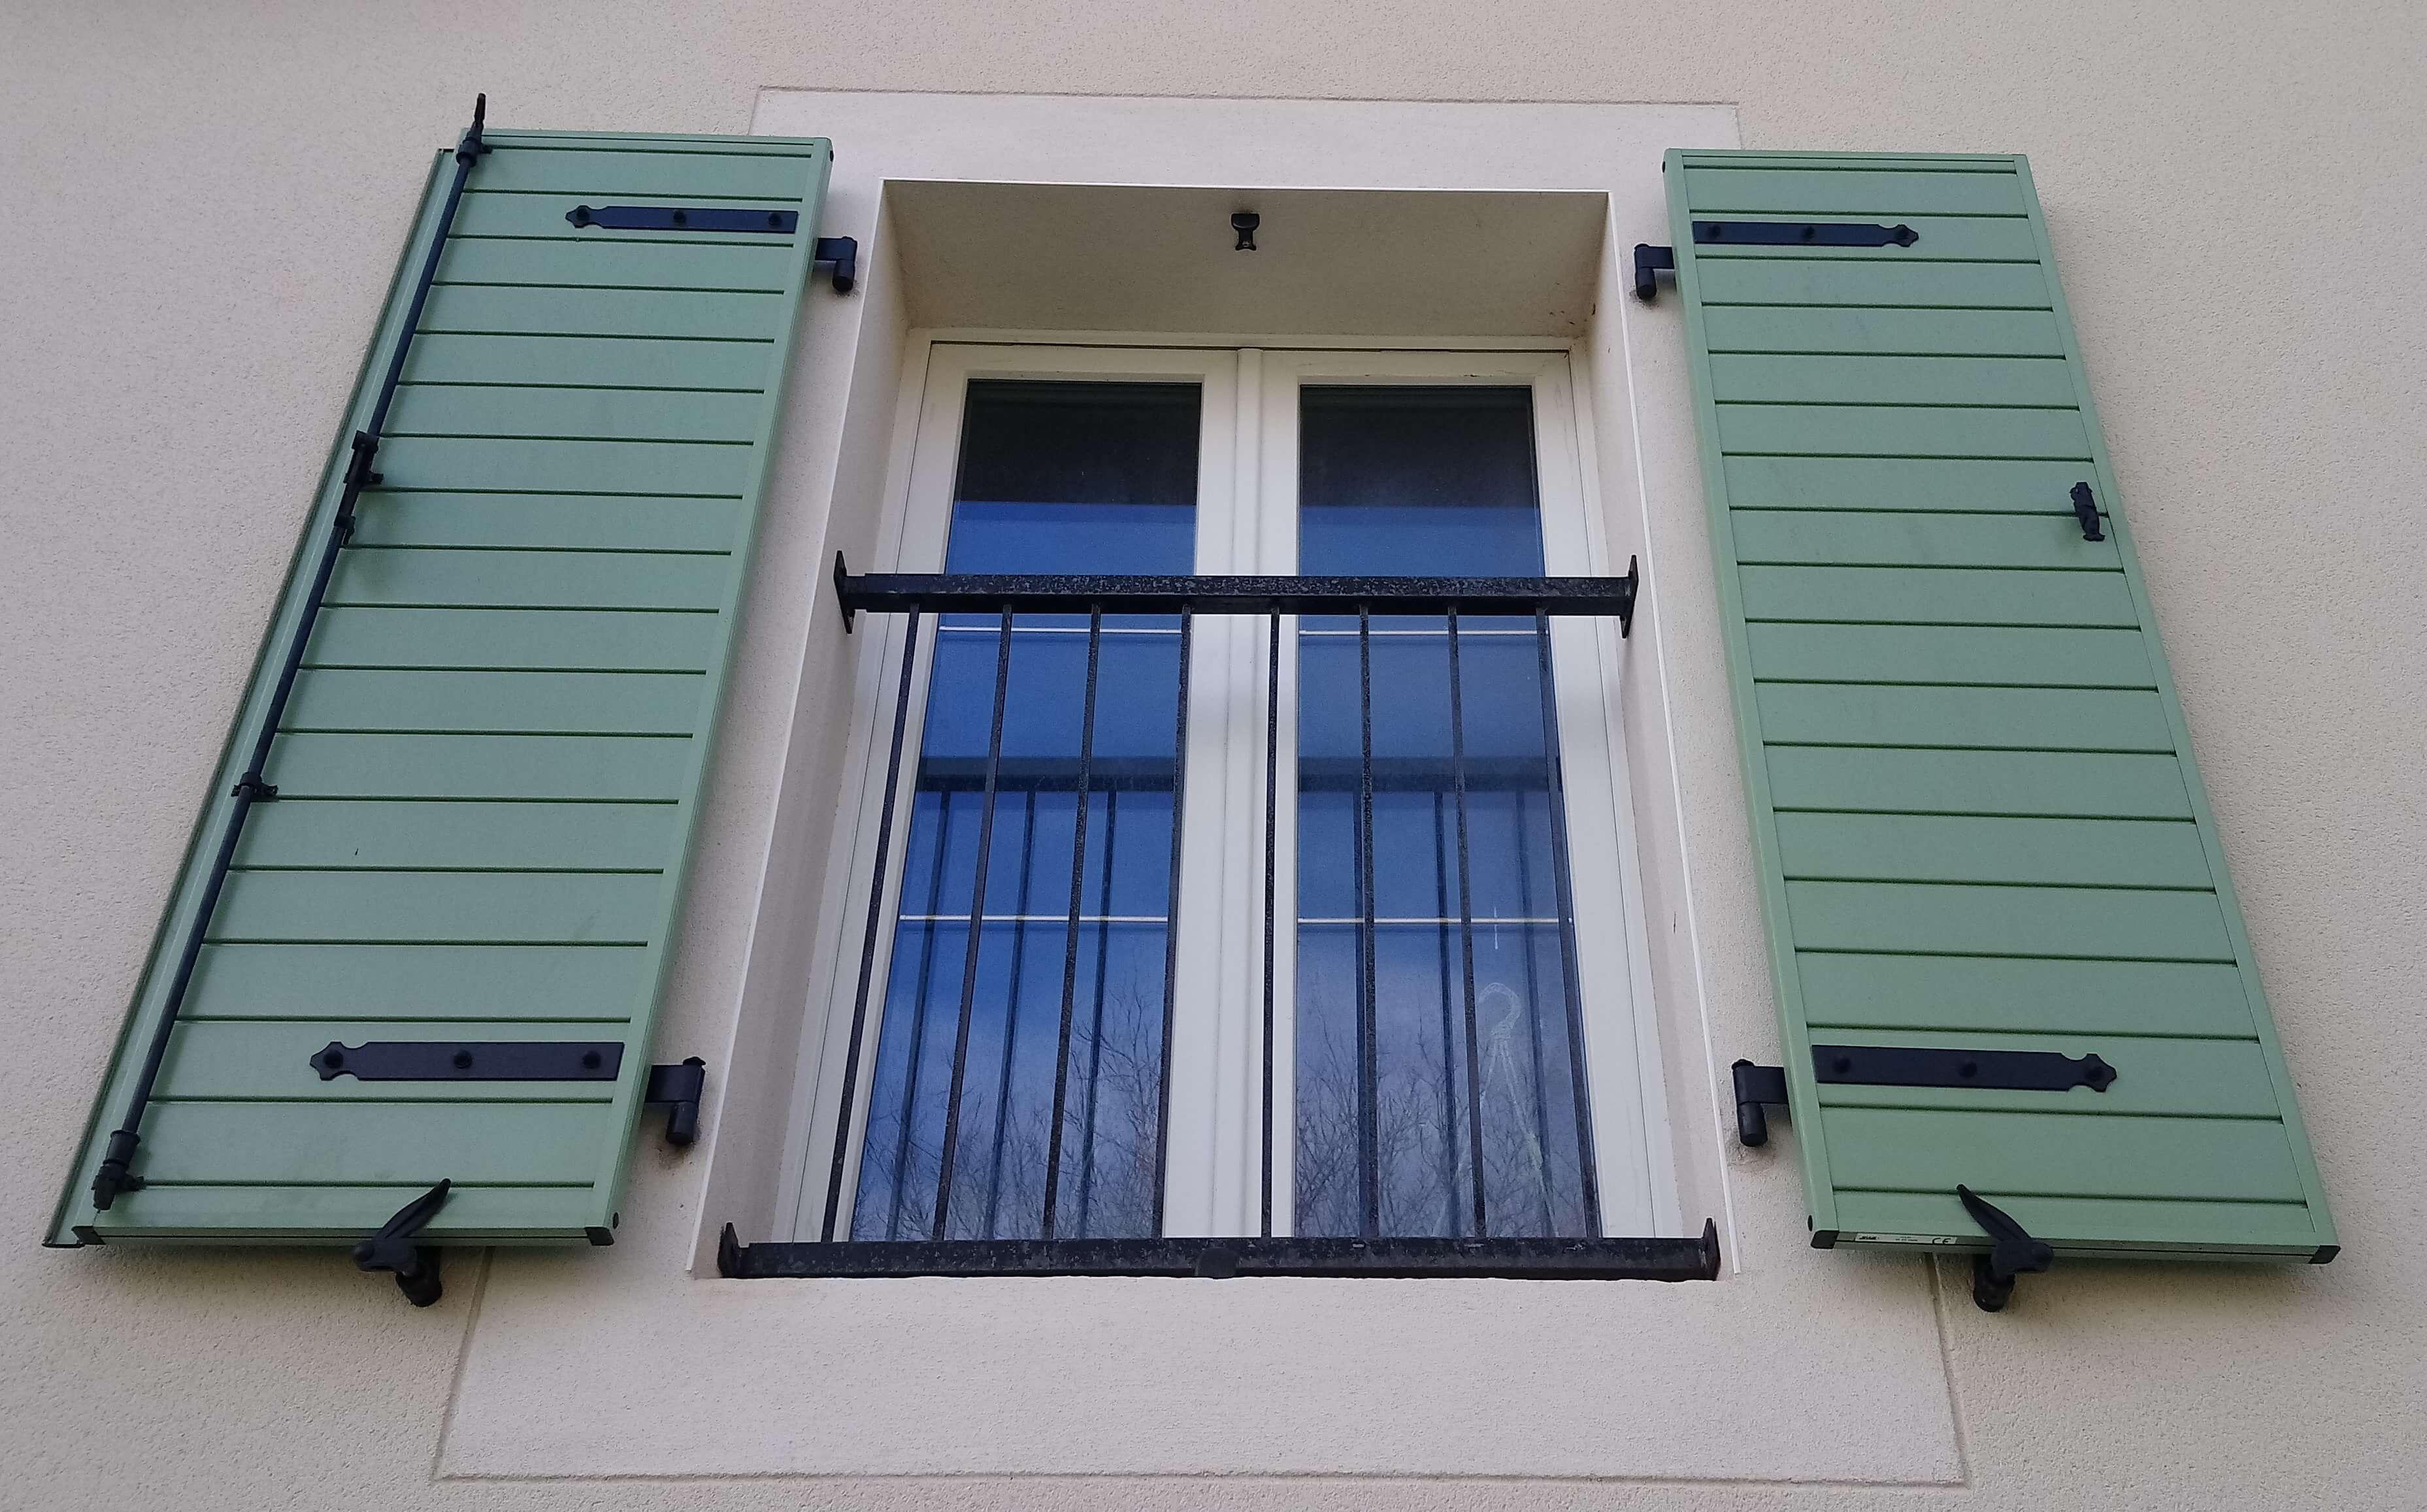 Menuiserie Figard - Fabrication sur mesure - Fenêtre - PVC - Vesoul